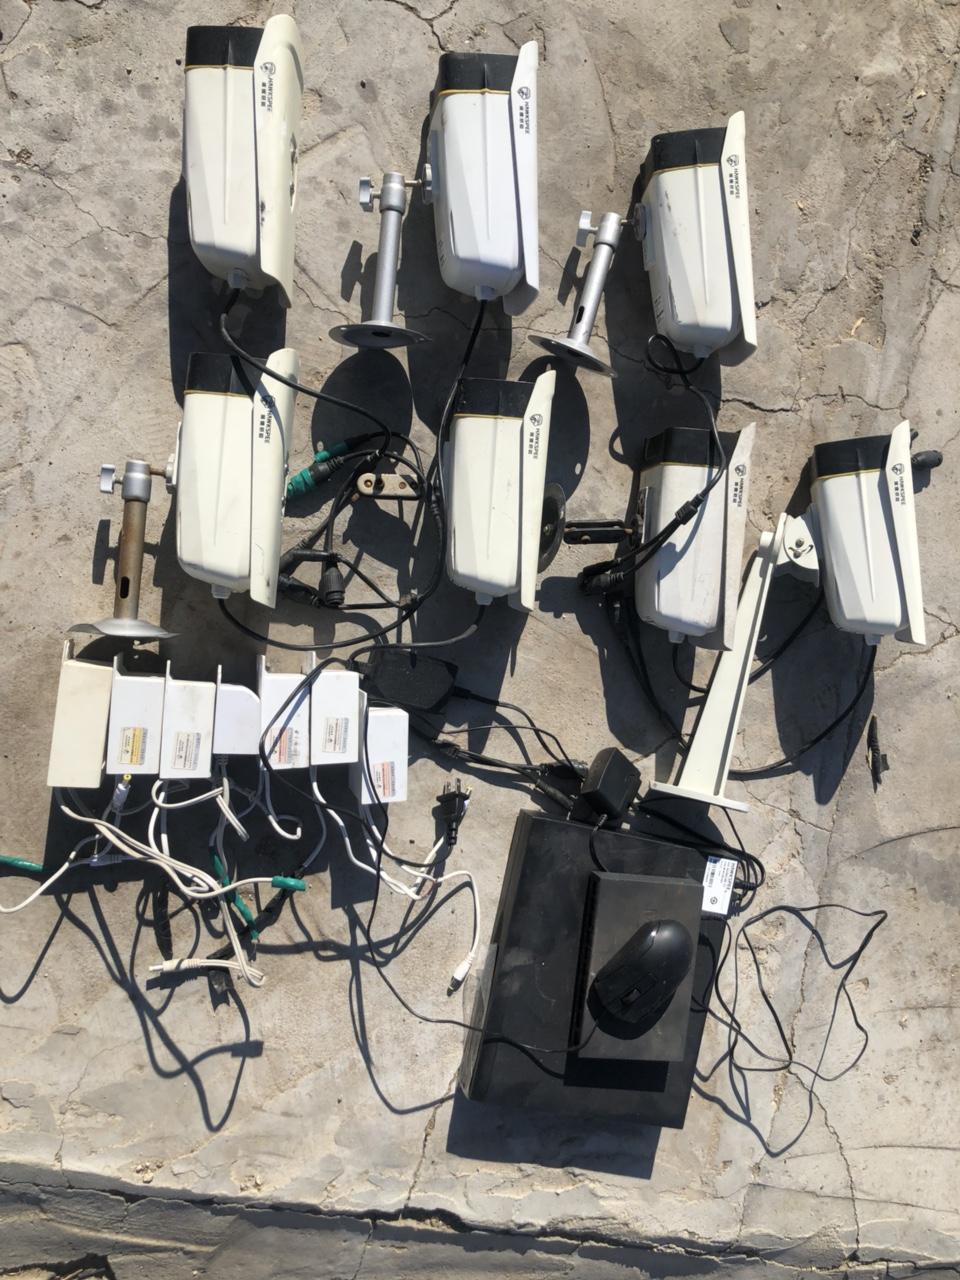 出售一套八成新黑鷹威視高清網絡攝像頭,七個攝像頭,1t硬盤,一個八路交換器,帶線便宜出售,聯系電話...